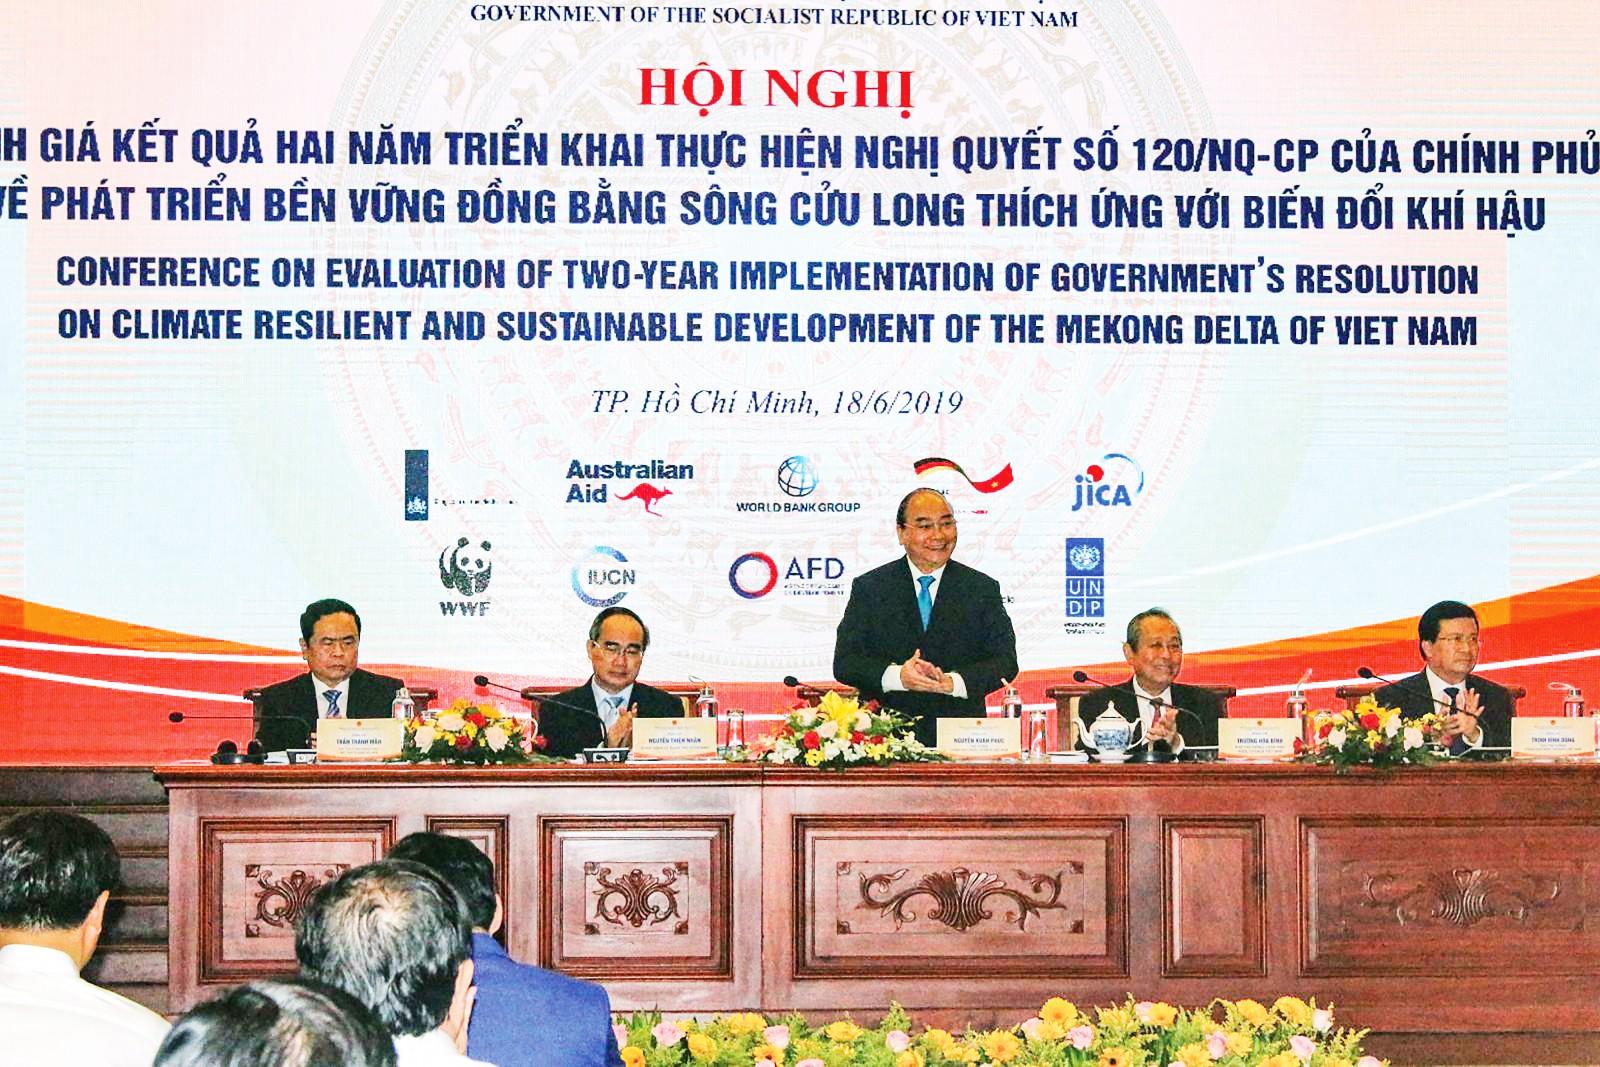 Thủ tướng Chính phủ Nguyễn Xuân Phúc chủ trì và chỉ đạo Hội nghị đánh giá 2 năm triển khai thực hiện Nghị quyết 120. Ảnh: V.T